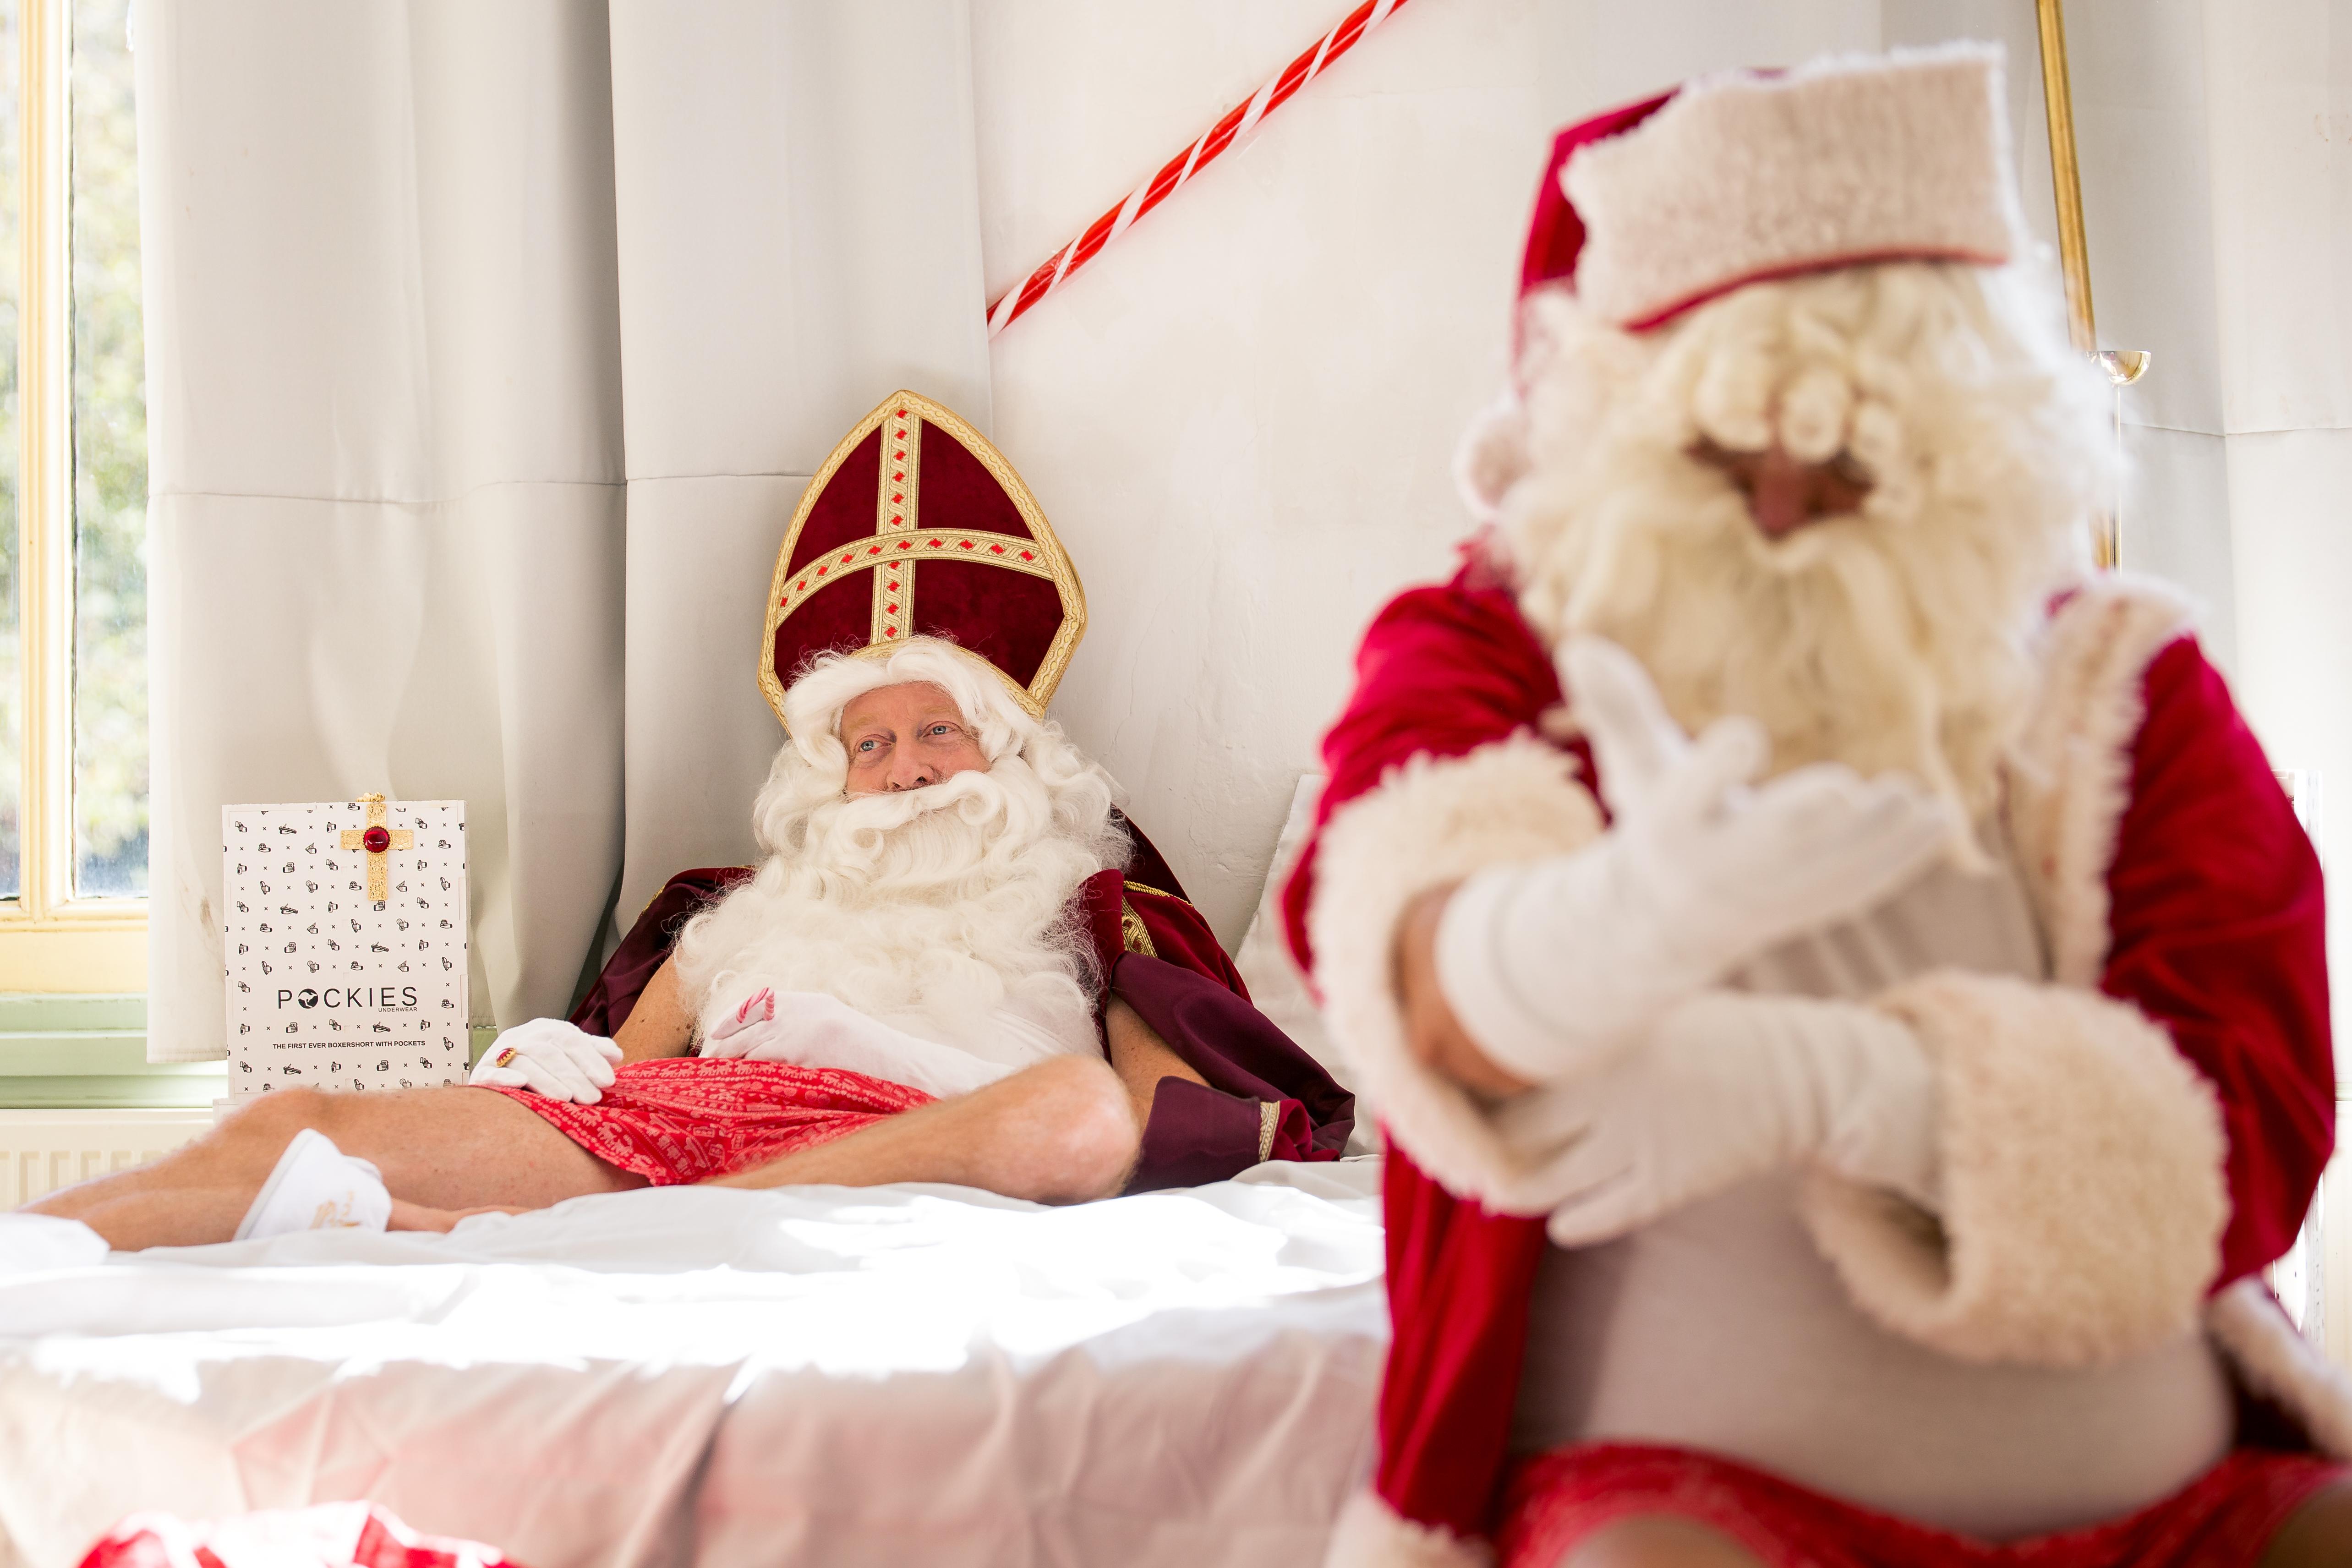 Sinterklaas boxershorts onderbroeken Kerstman Pockies